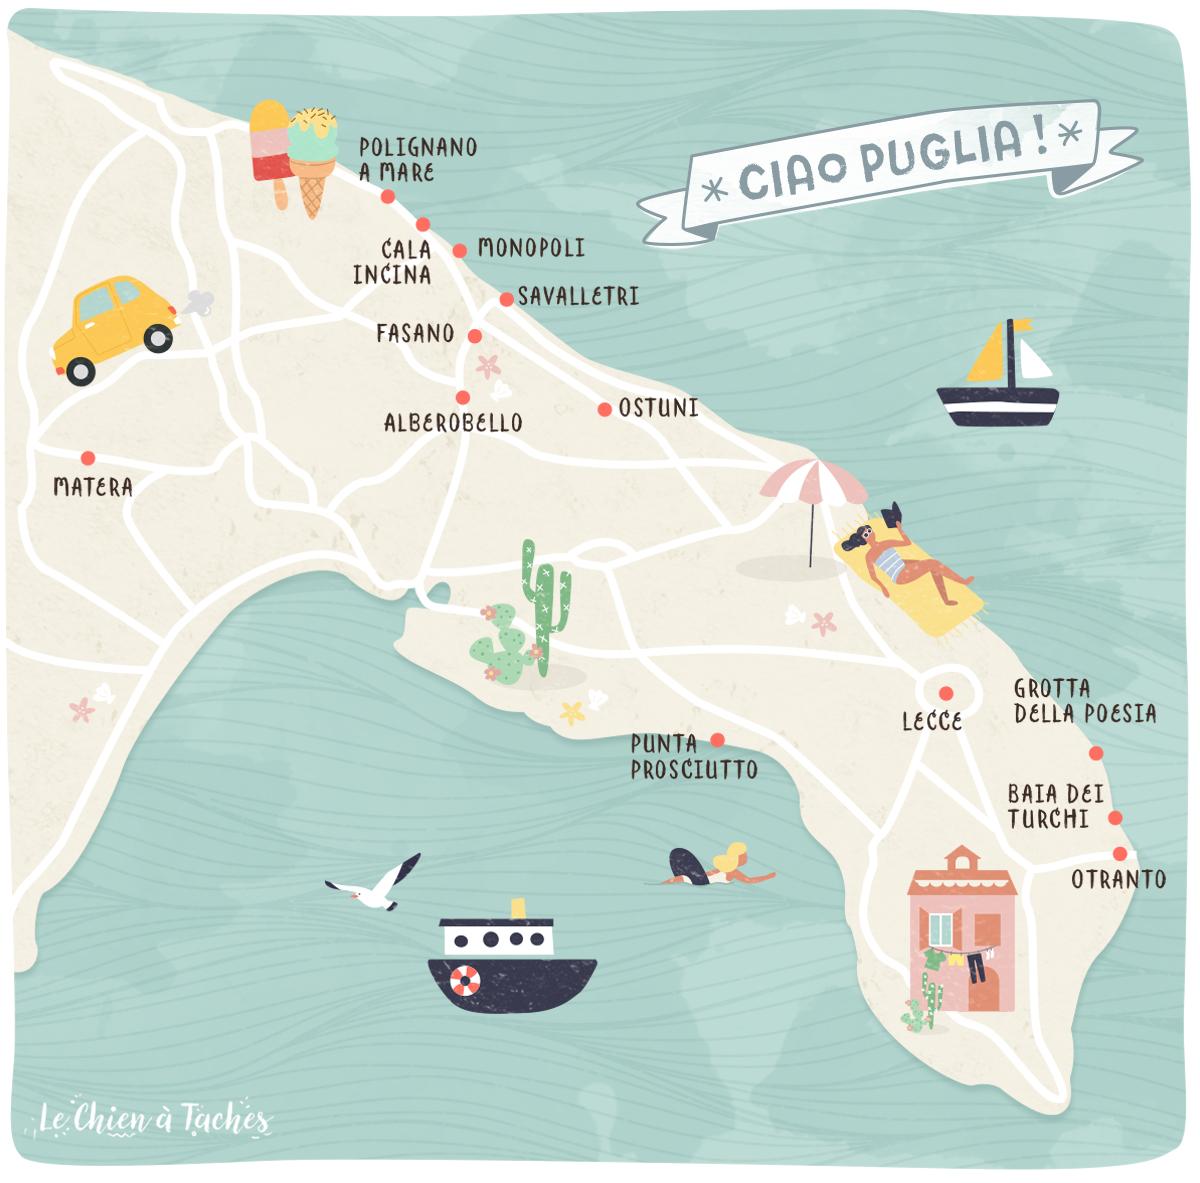 Map-Puglia-Lechienataches